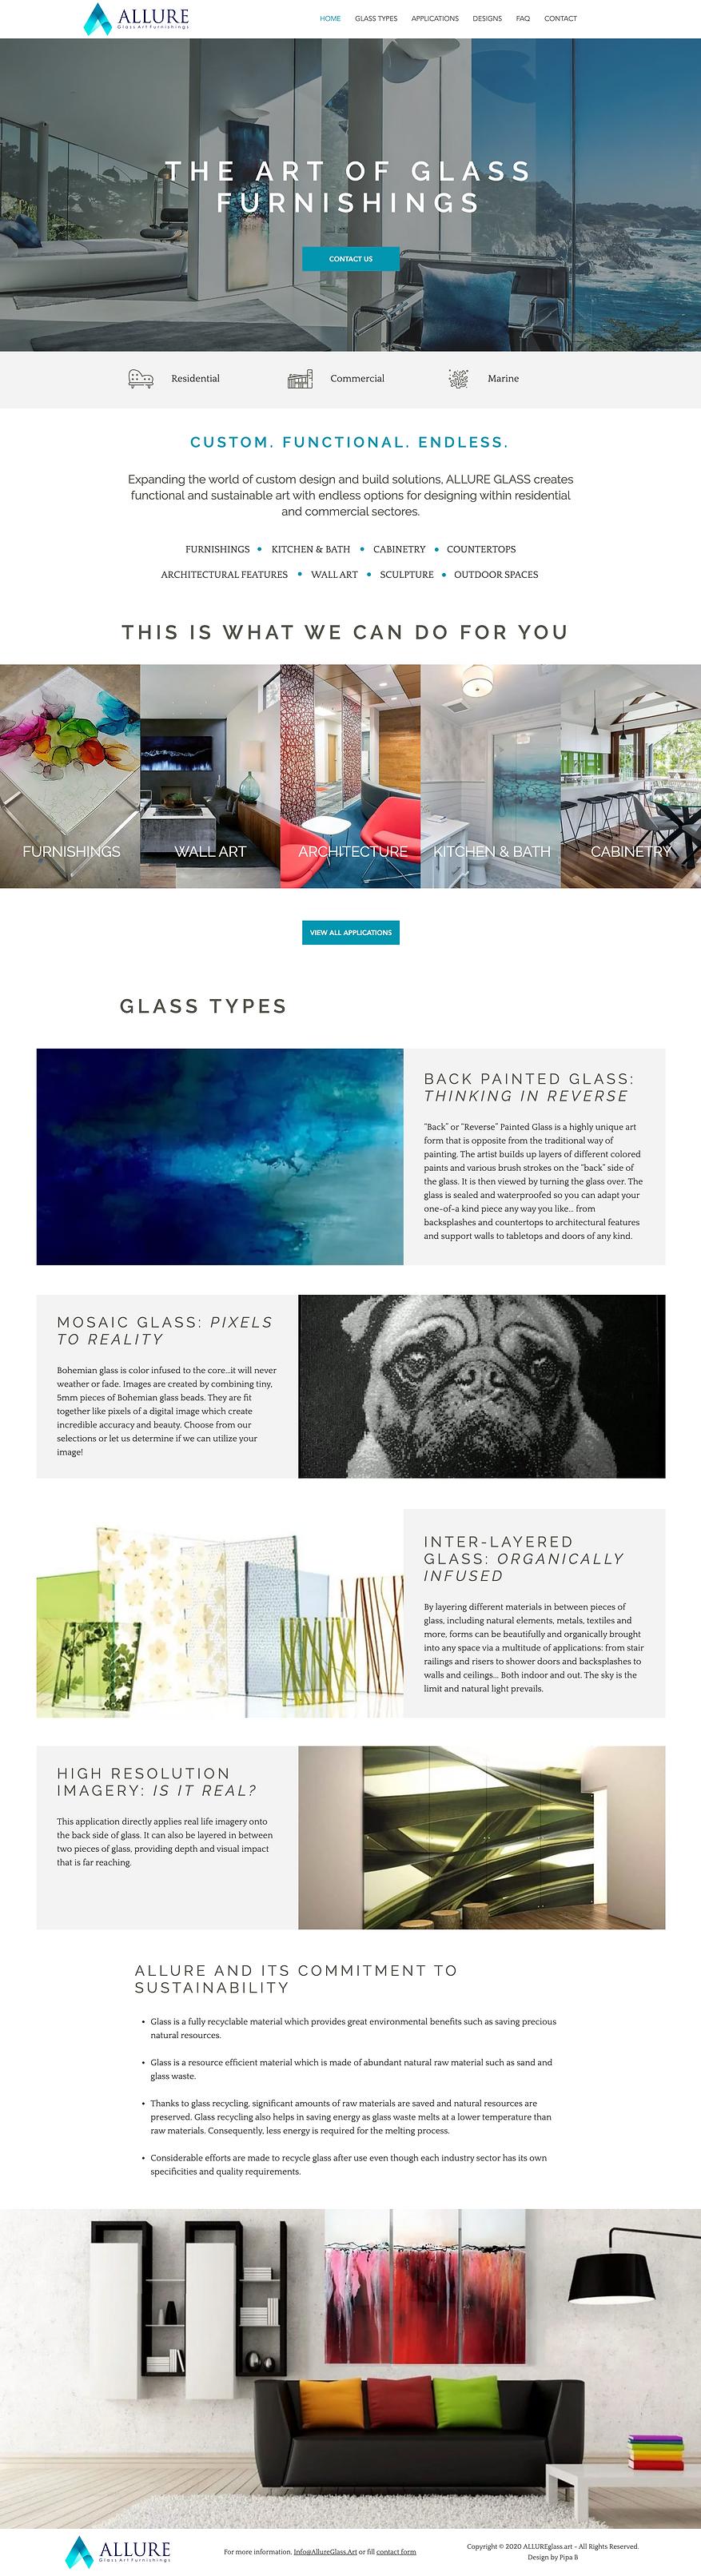 screencapture-allureglass-art-2020-12-03